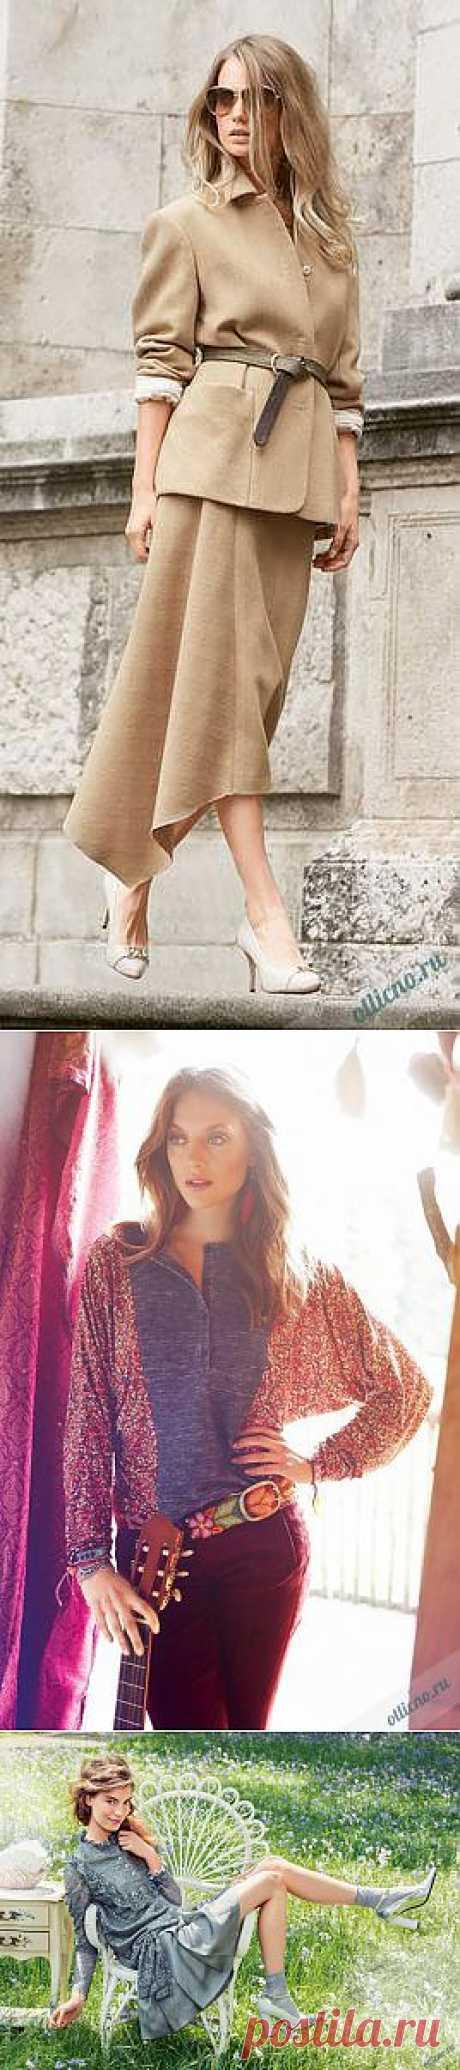 Журнал Бурда 10 2013. Анонс моделей | Отлично! Школа моды, декора и актуального рукоделия